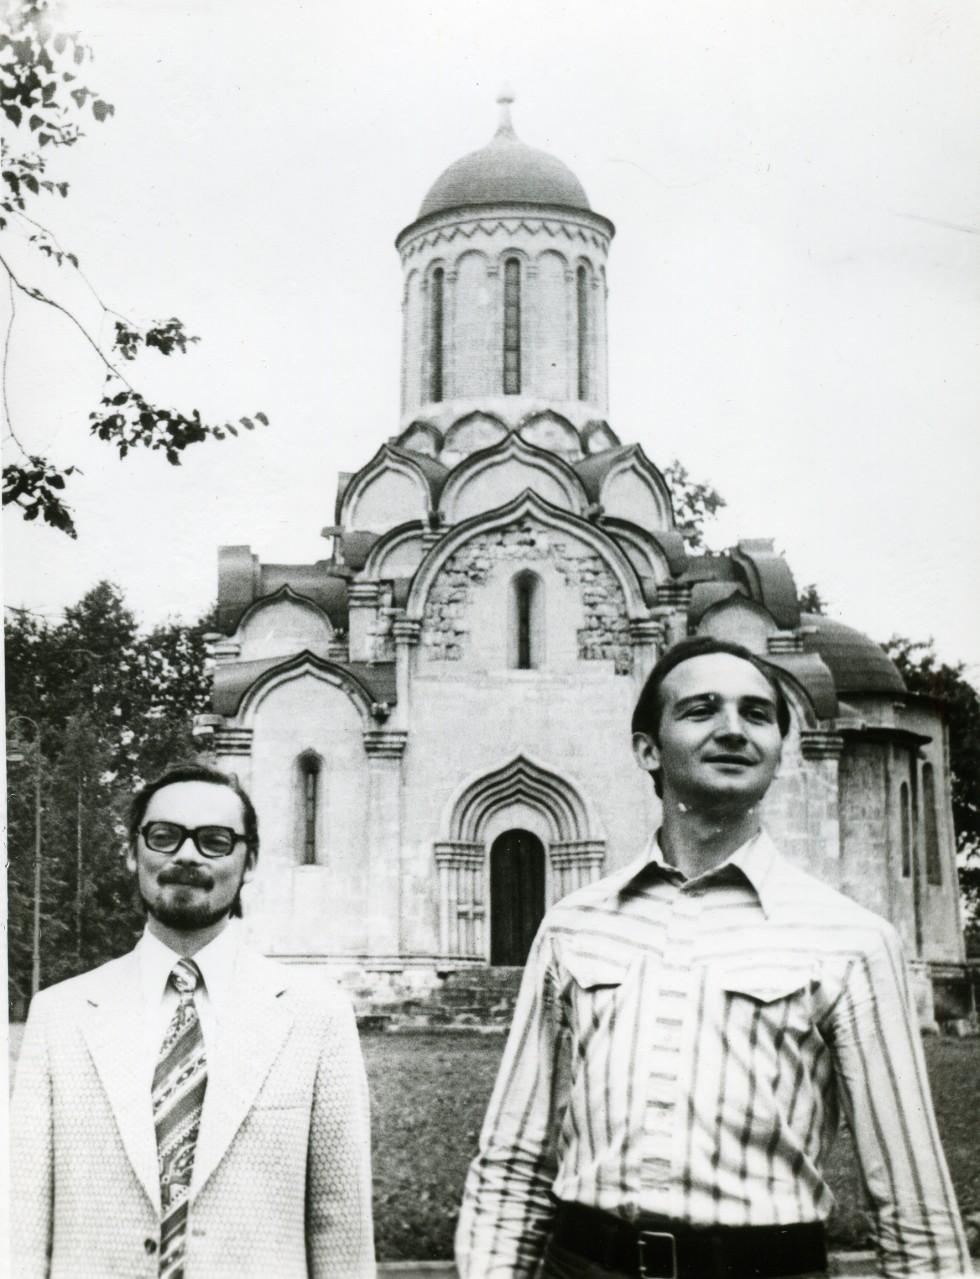 Юрий Кочетков и Александр Копировский, Андроников монастырь, 1980 год